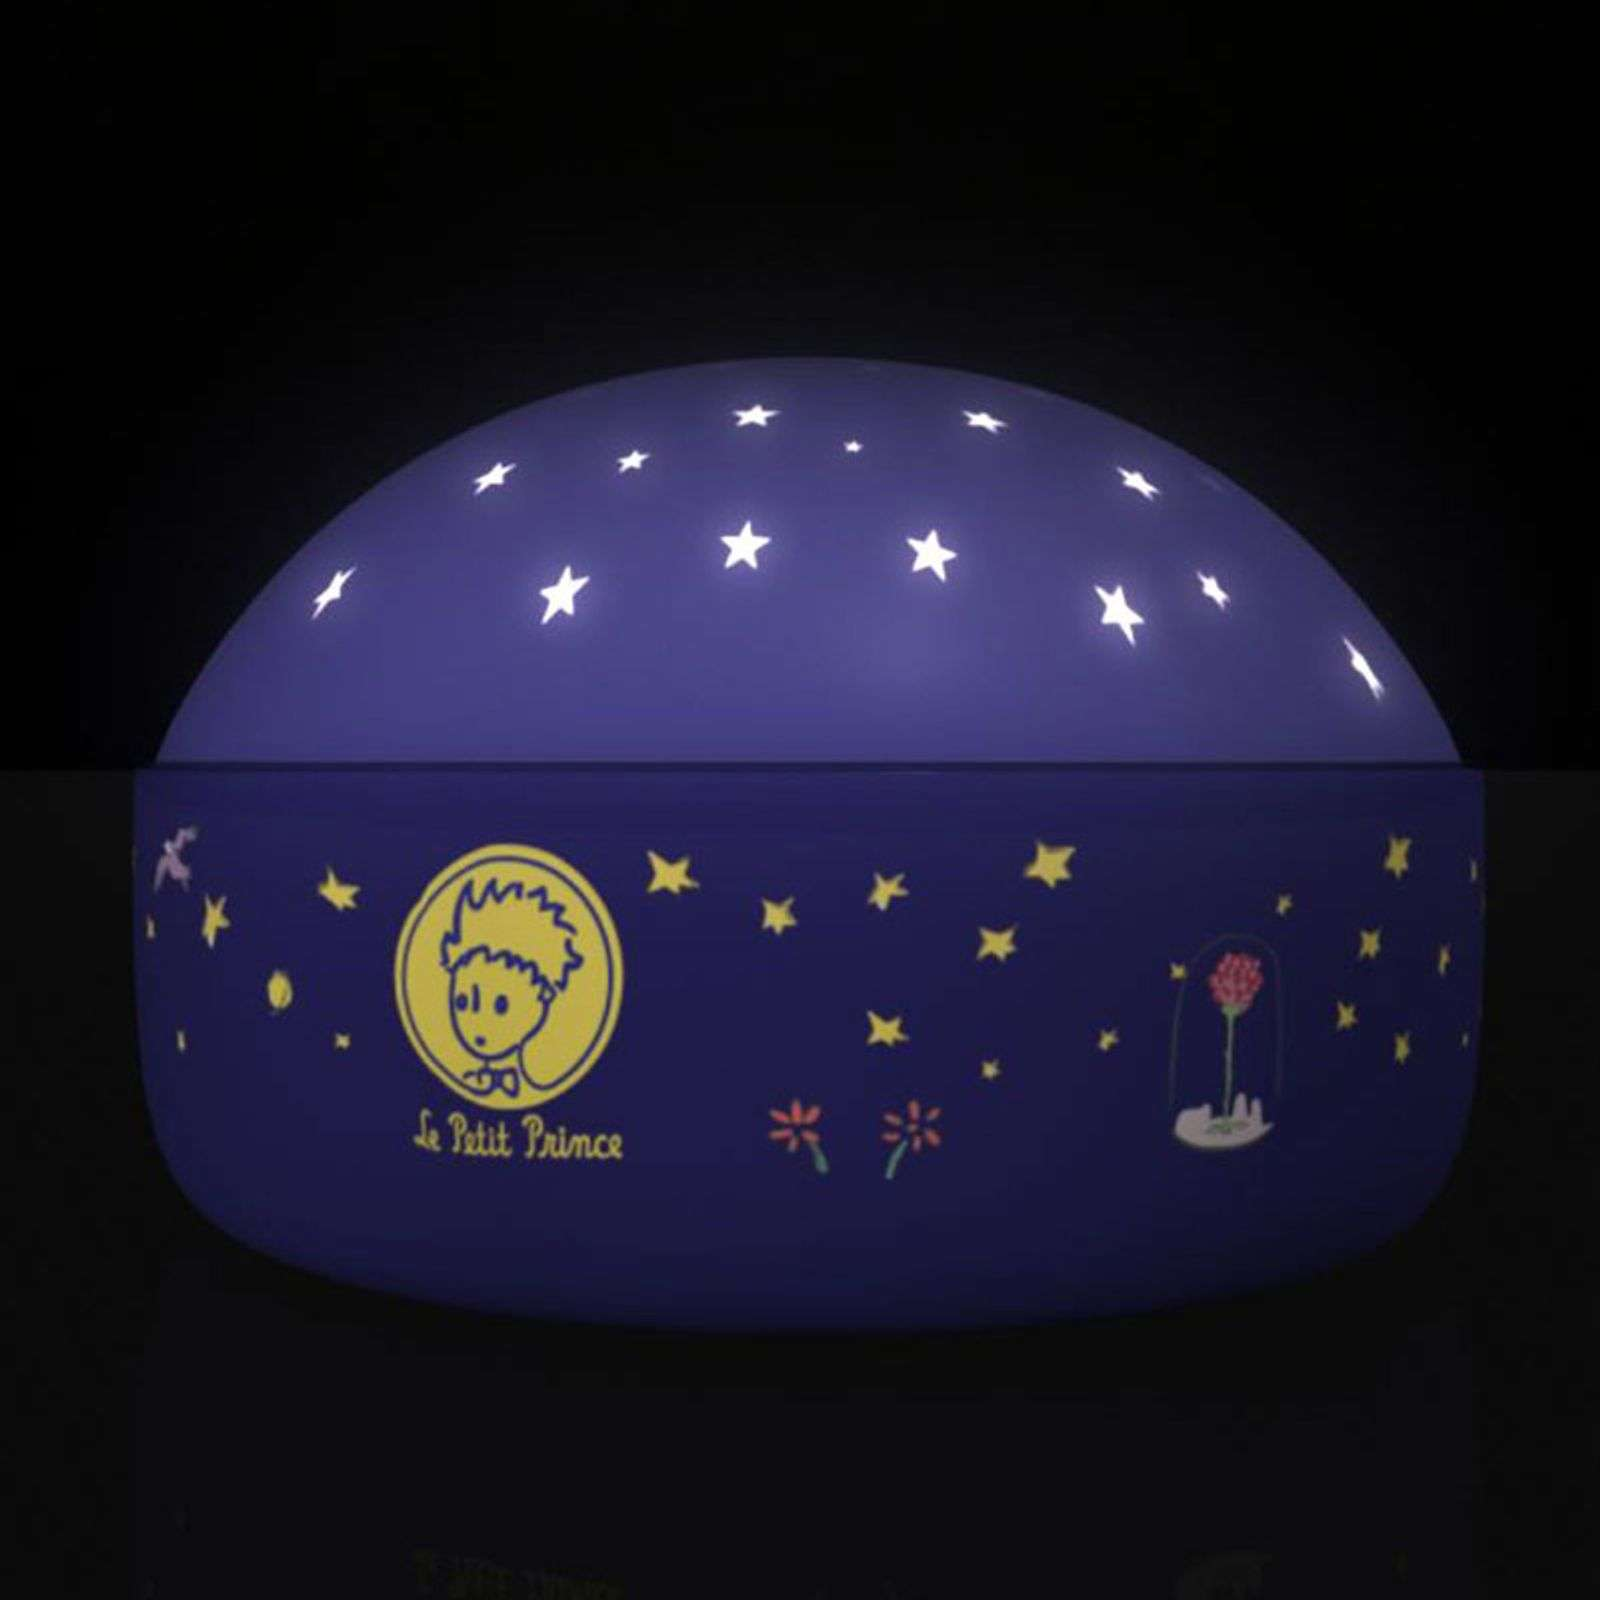 Full Size of Nachtlicht Der Kleine Prinz Nachtlampe Led Bunt Sternenhimmel Regale Kinderzimmer Sofa Regal Weiß Kinderzimmer Sternenhimmel Kinderzimmer